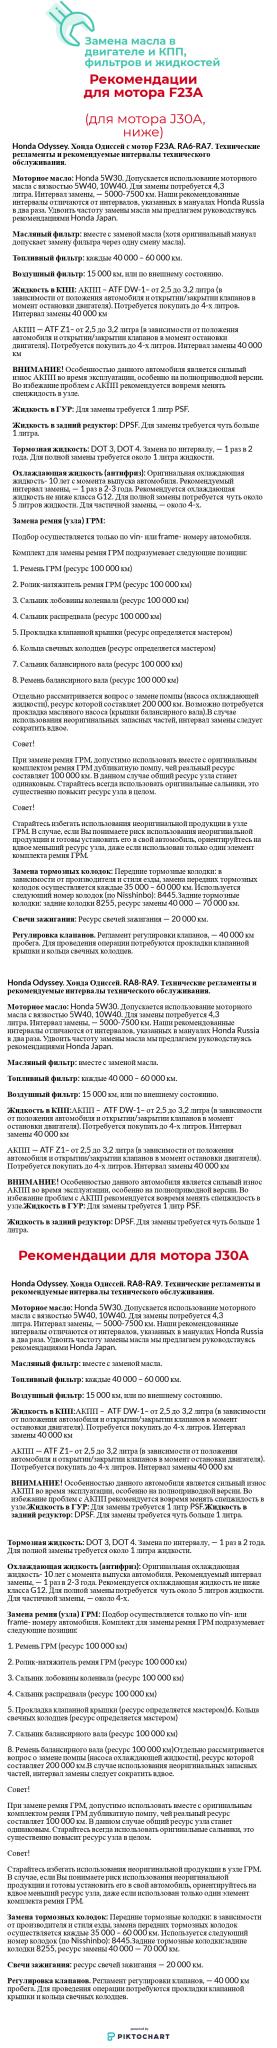 Honda_Odyssey_1